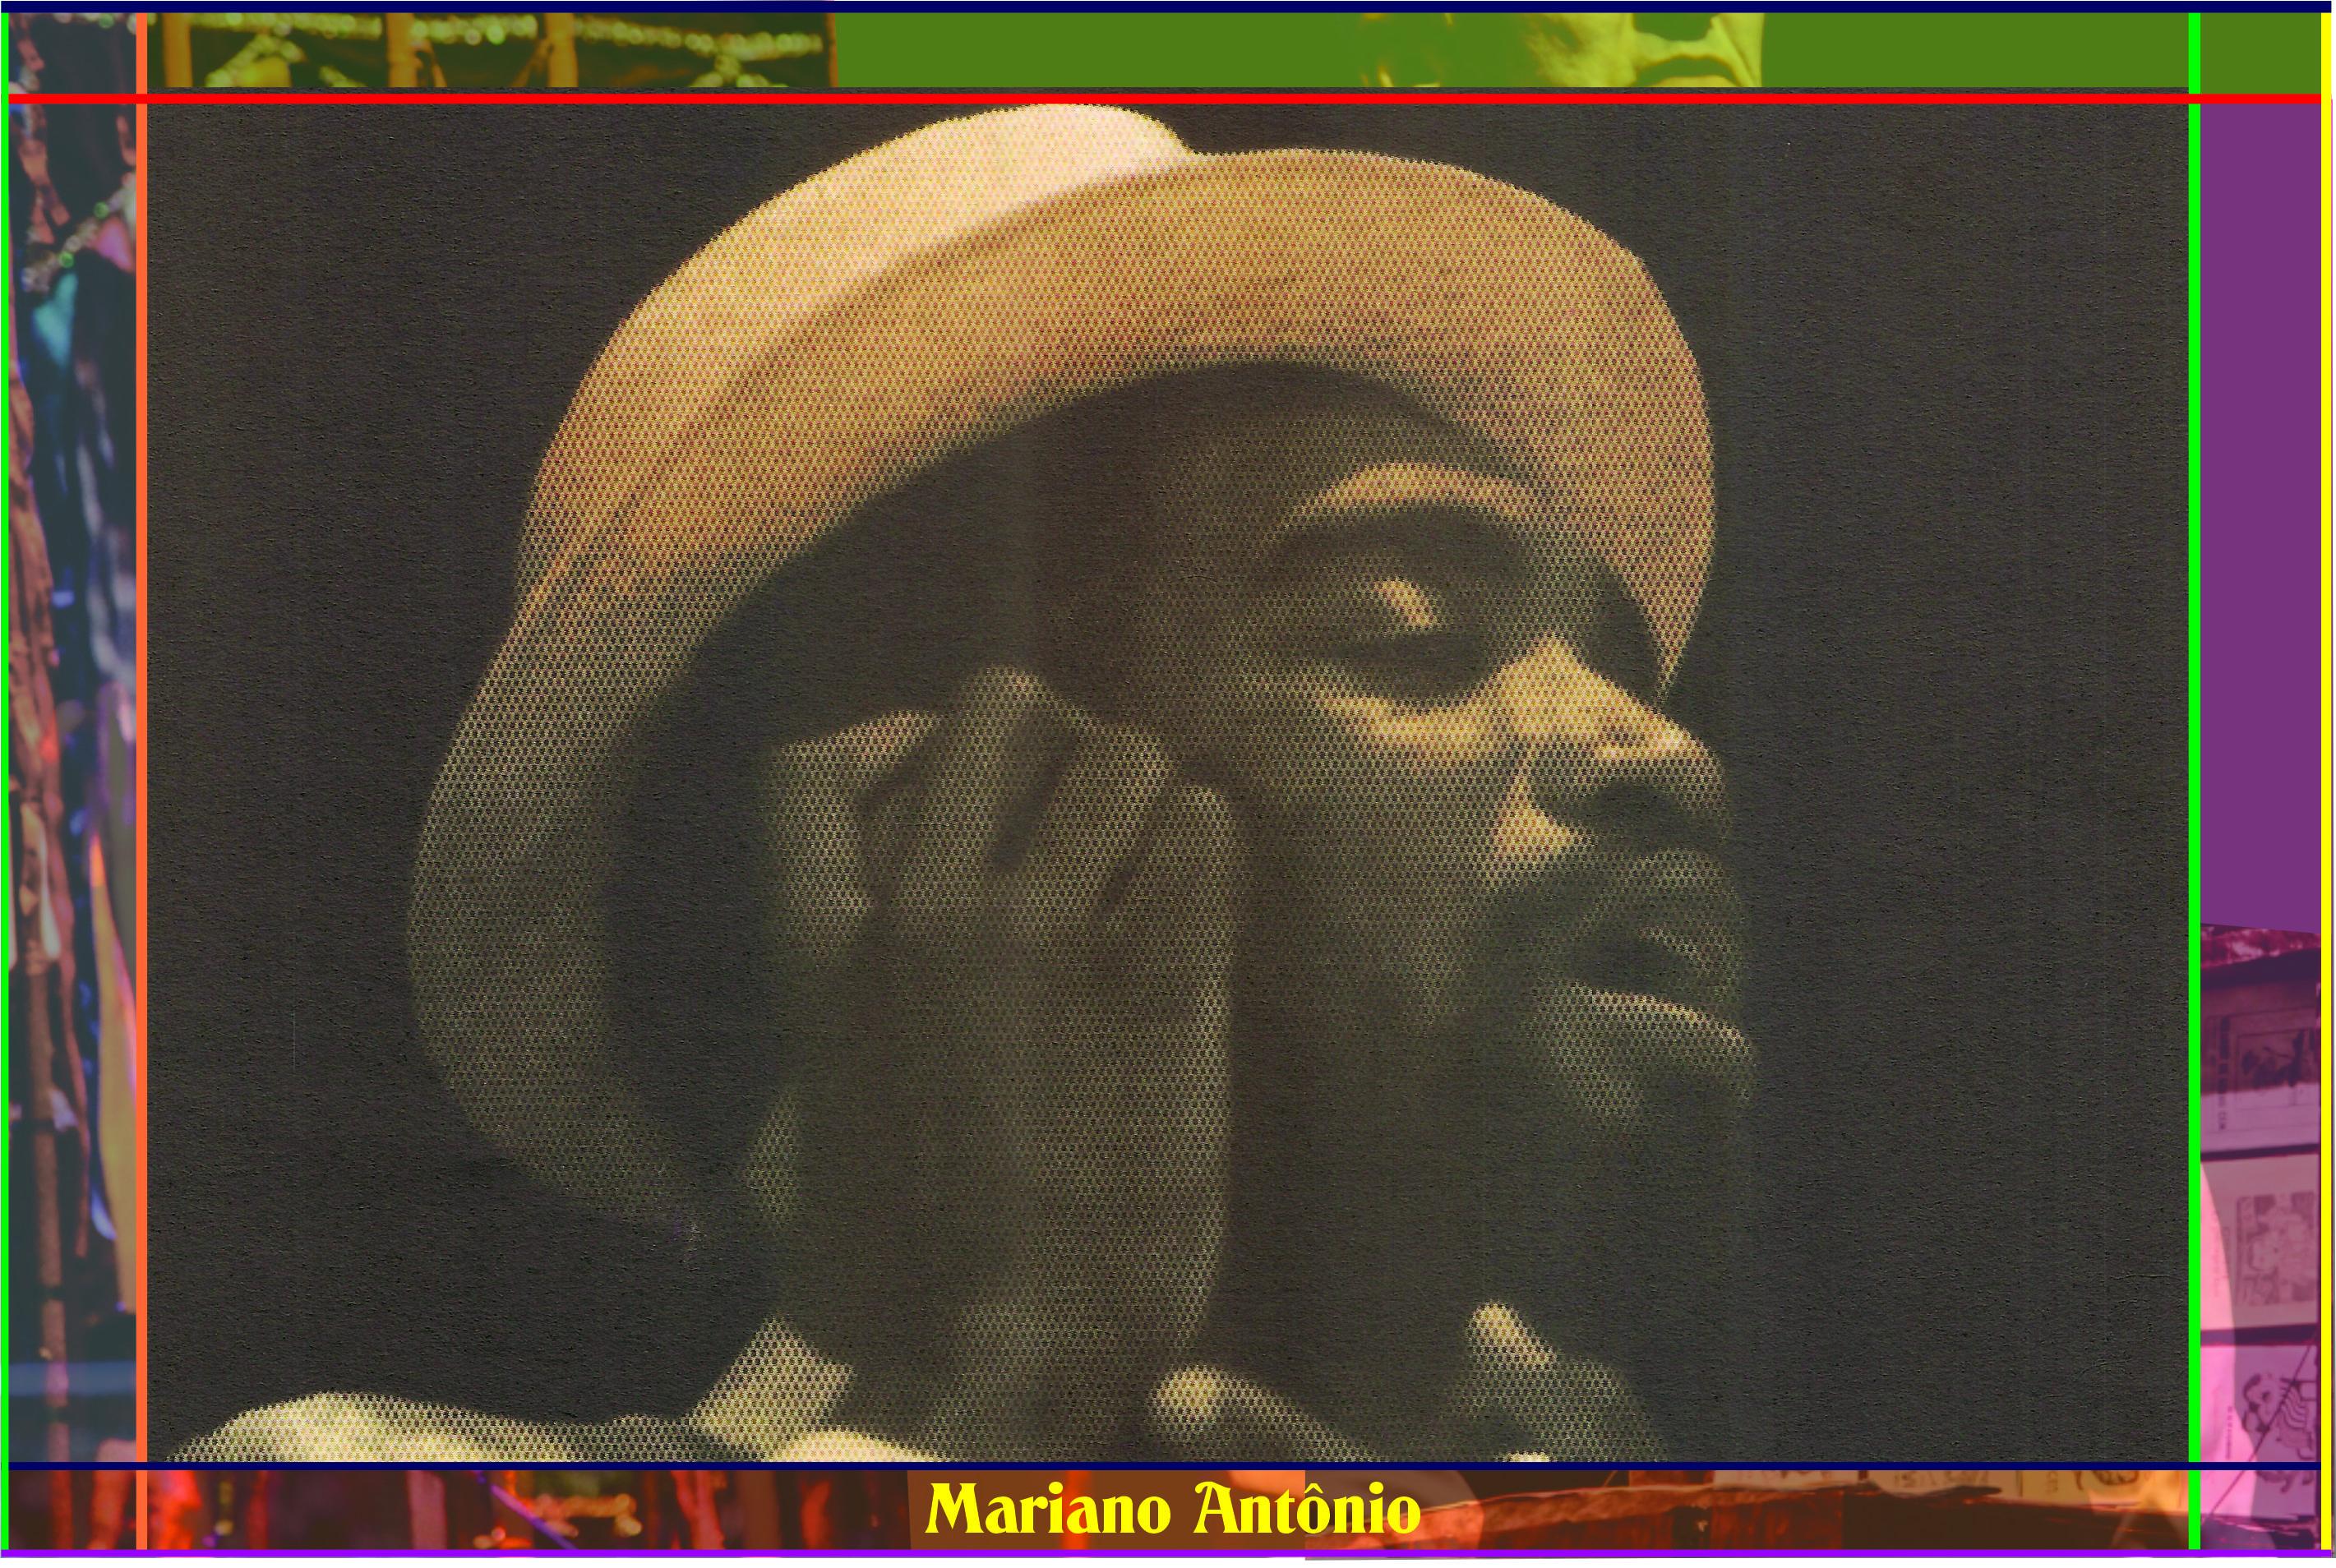 Mariano Antônio